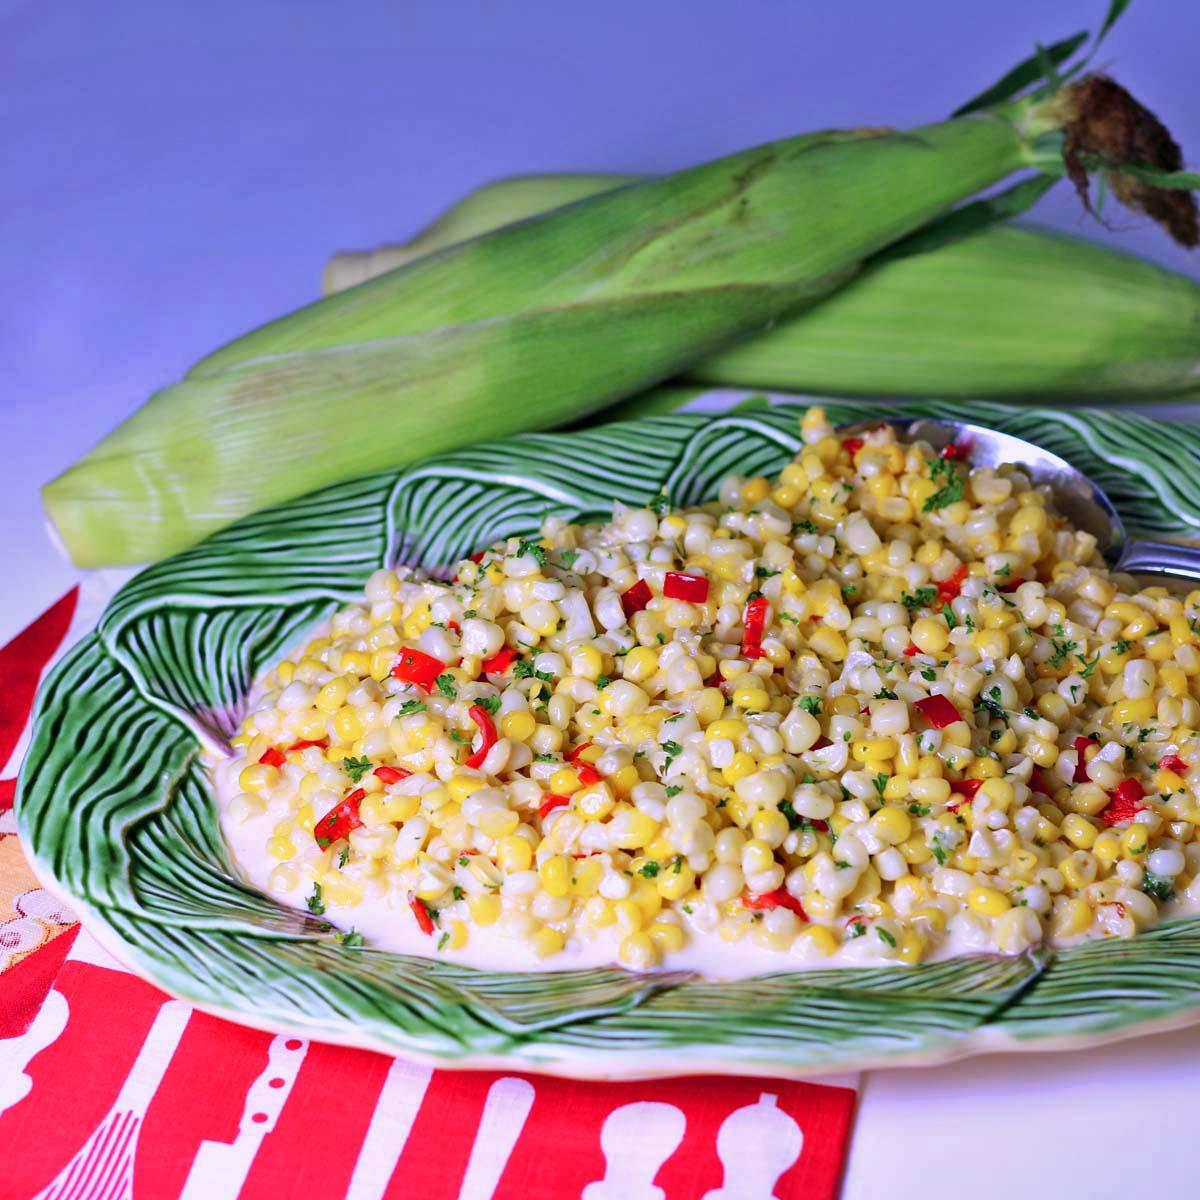 Fried Sweet Corn